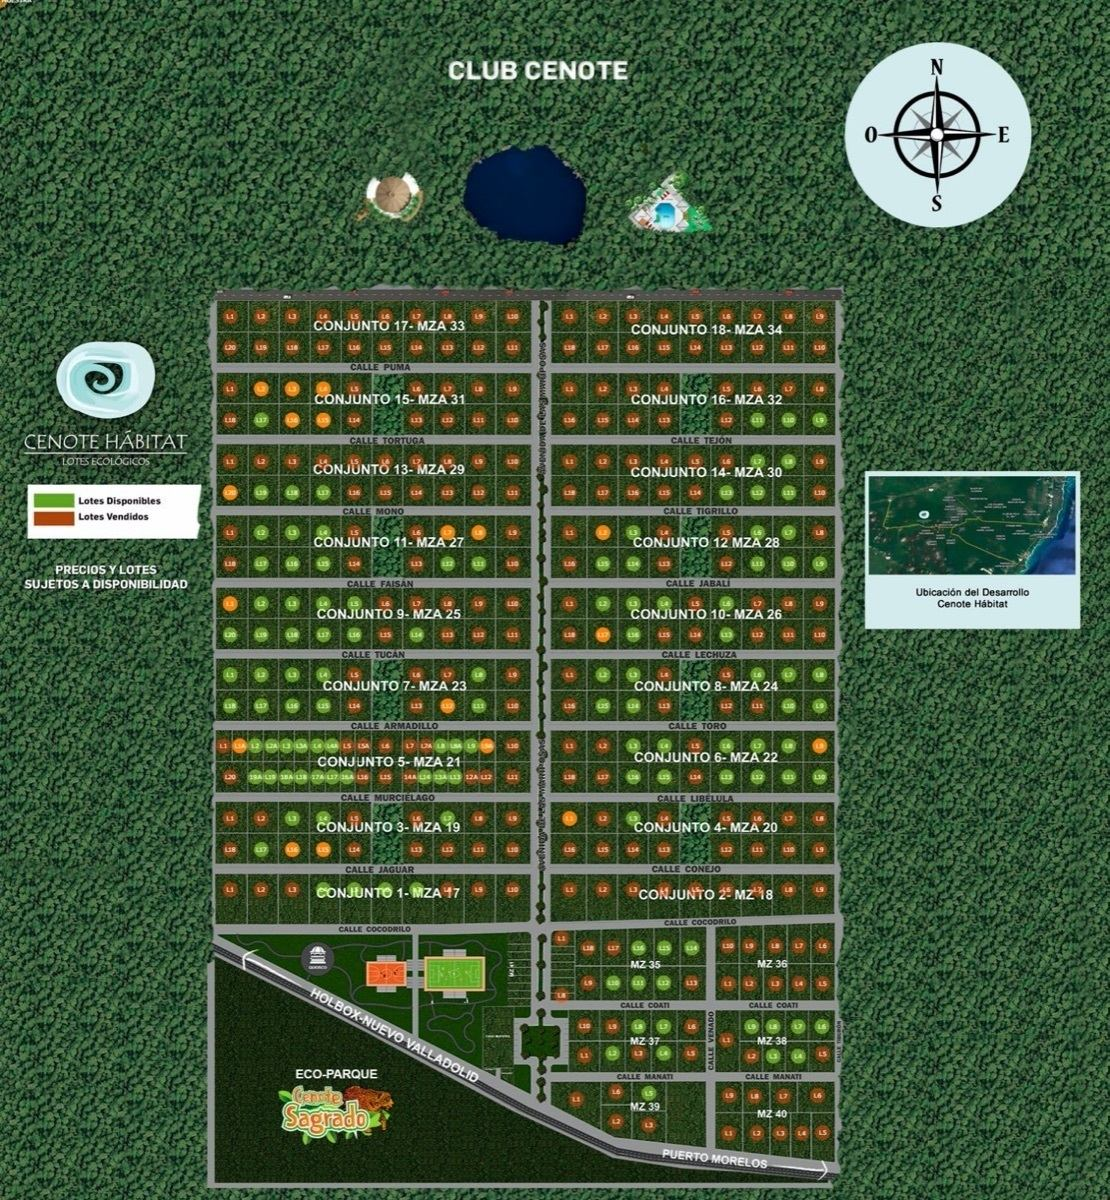 2 terrenos en venta 1600 mts c/u  muy cerca de playa del carmen y puerto morelos